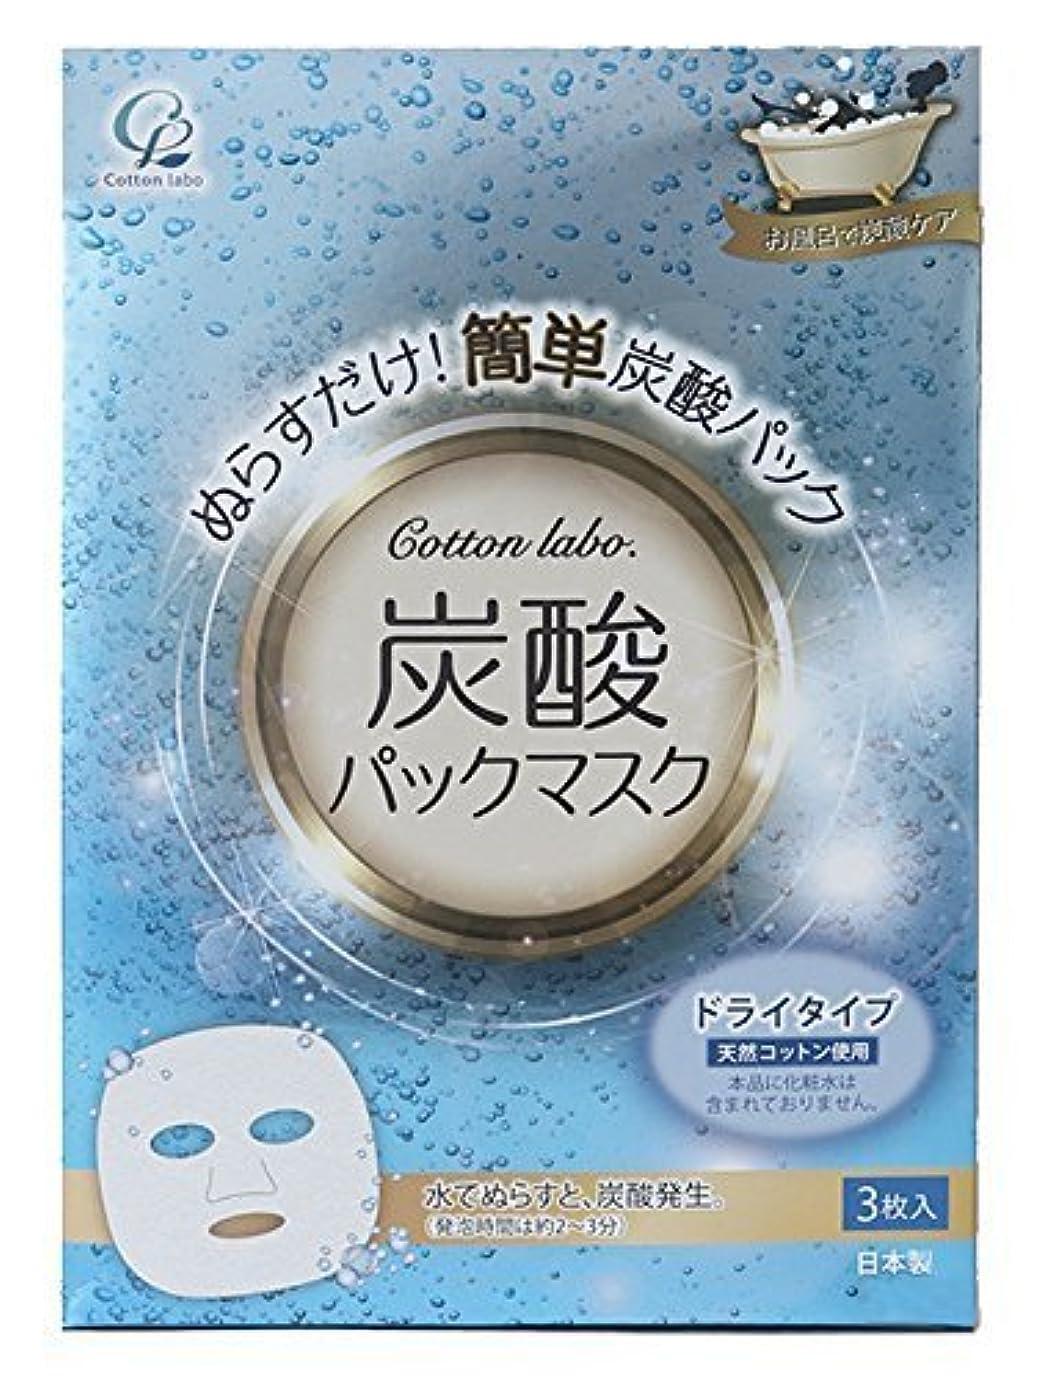 期限切れ敬の念ドーム皮膚を清浄にし 肌にはりと潤いを与える お風呂で炭酸ケア 天然コットン 炭酸パックマスク 3枚 80入り(240枚)